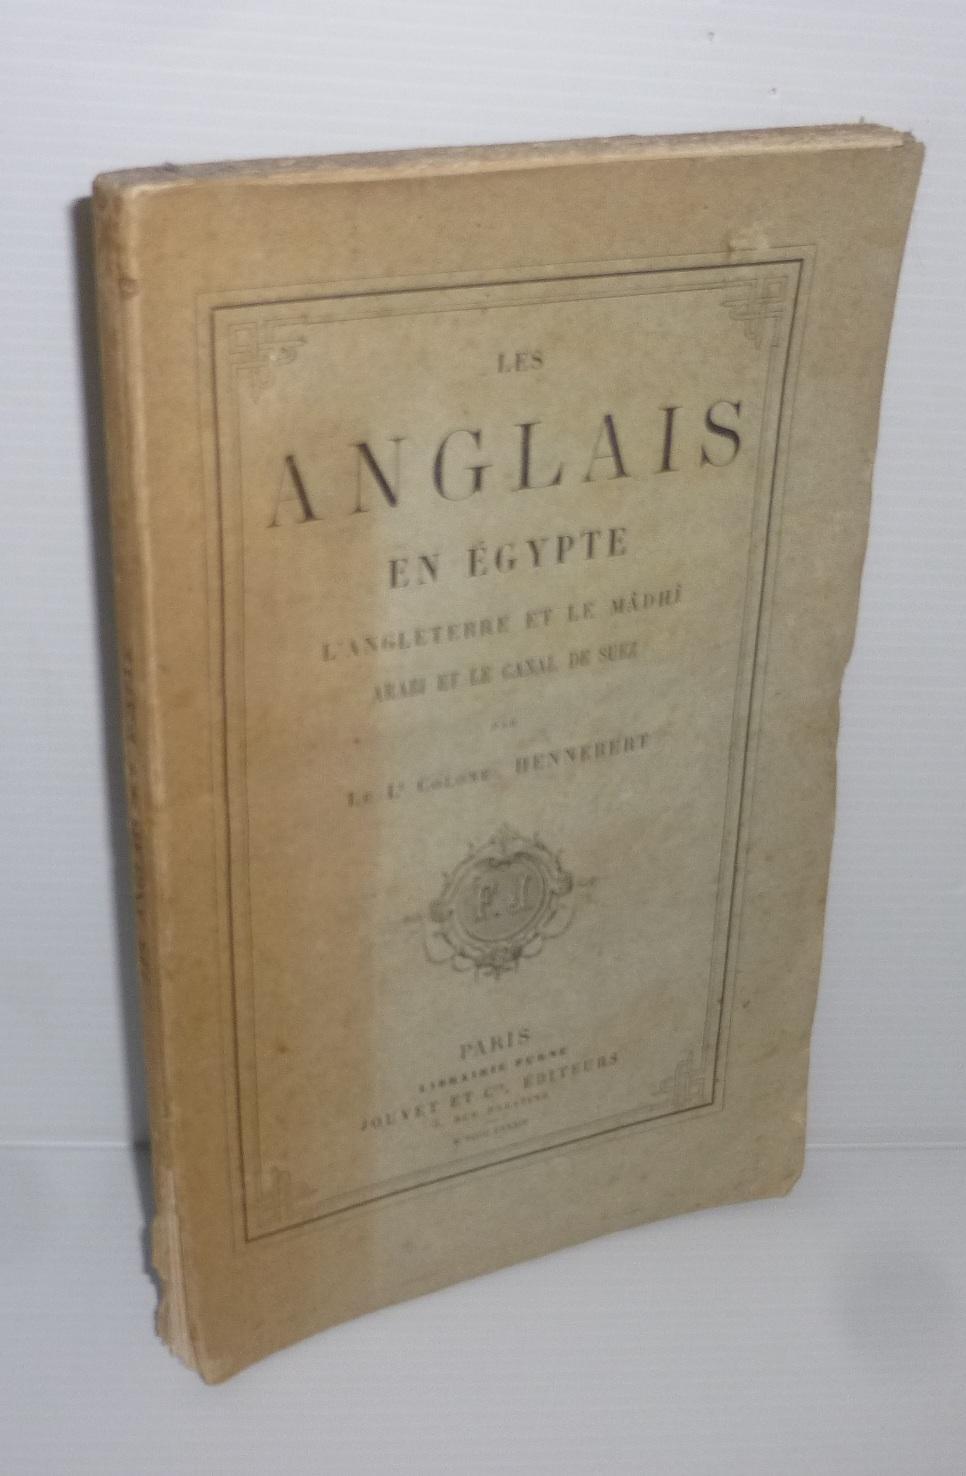 Les Anglais En Egypte L Angleterre Et Le Madhi Arabi Et Le Canal De